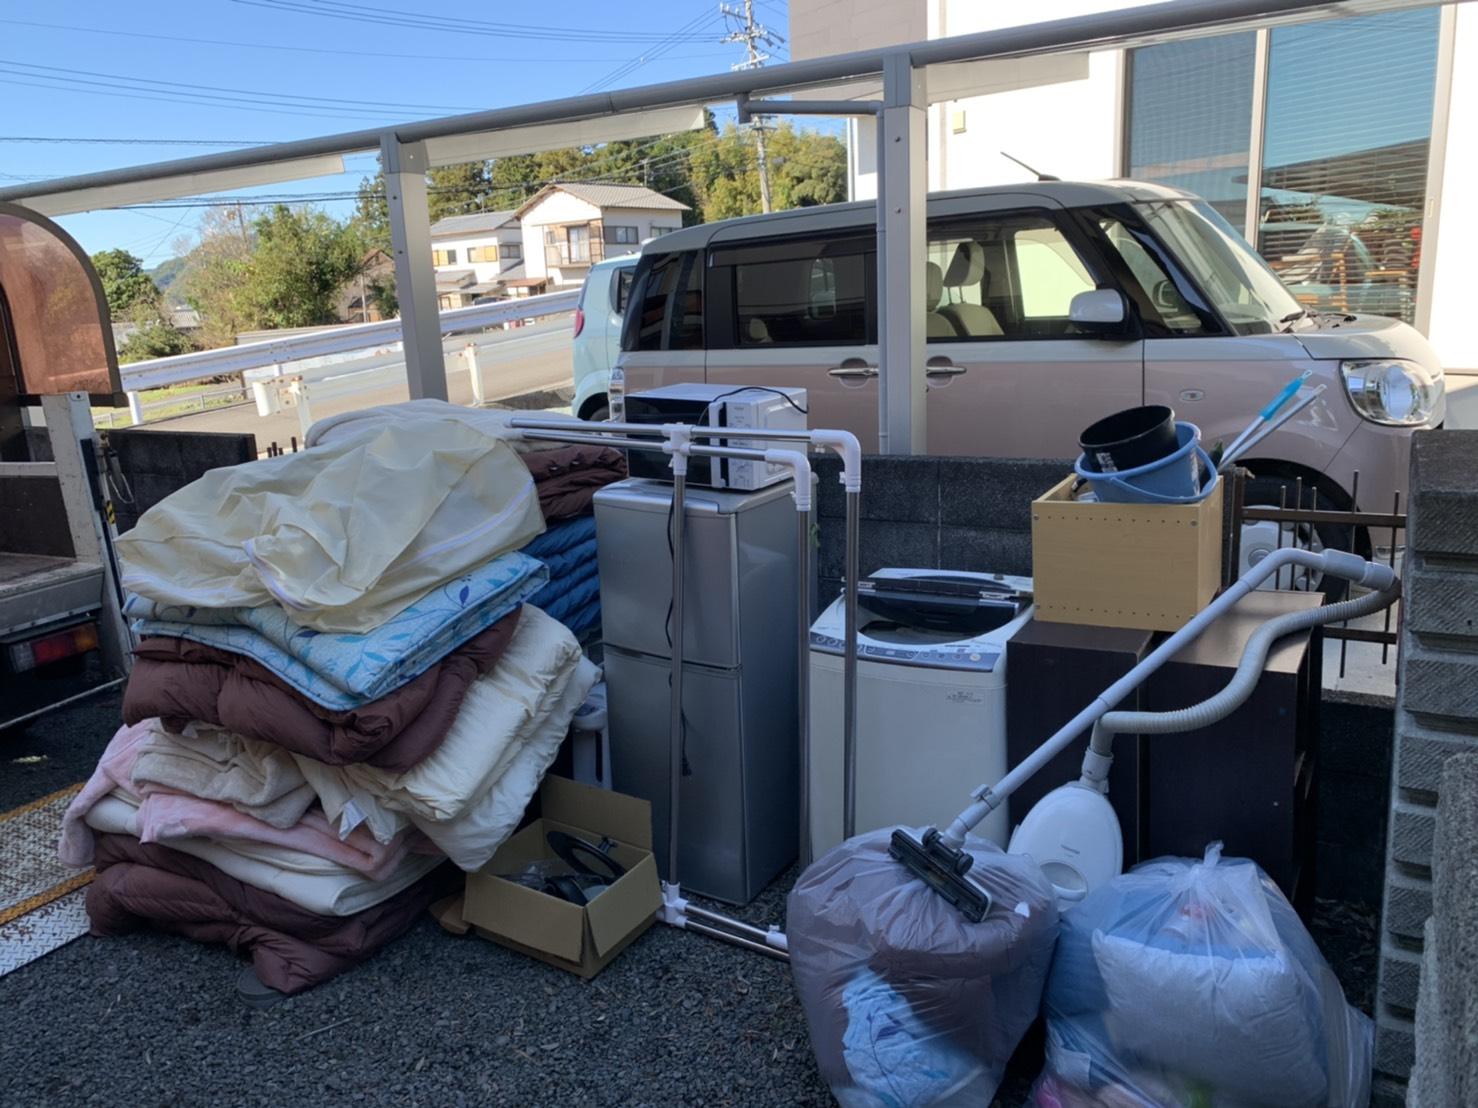 布団、レンジ、冷蔵庫、洗濯機、掃除機、カラーボックスの回収前